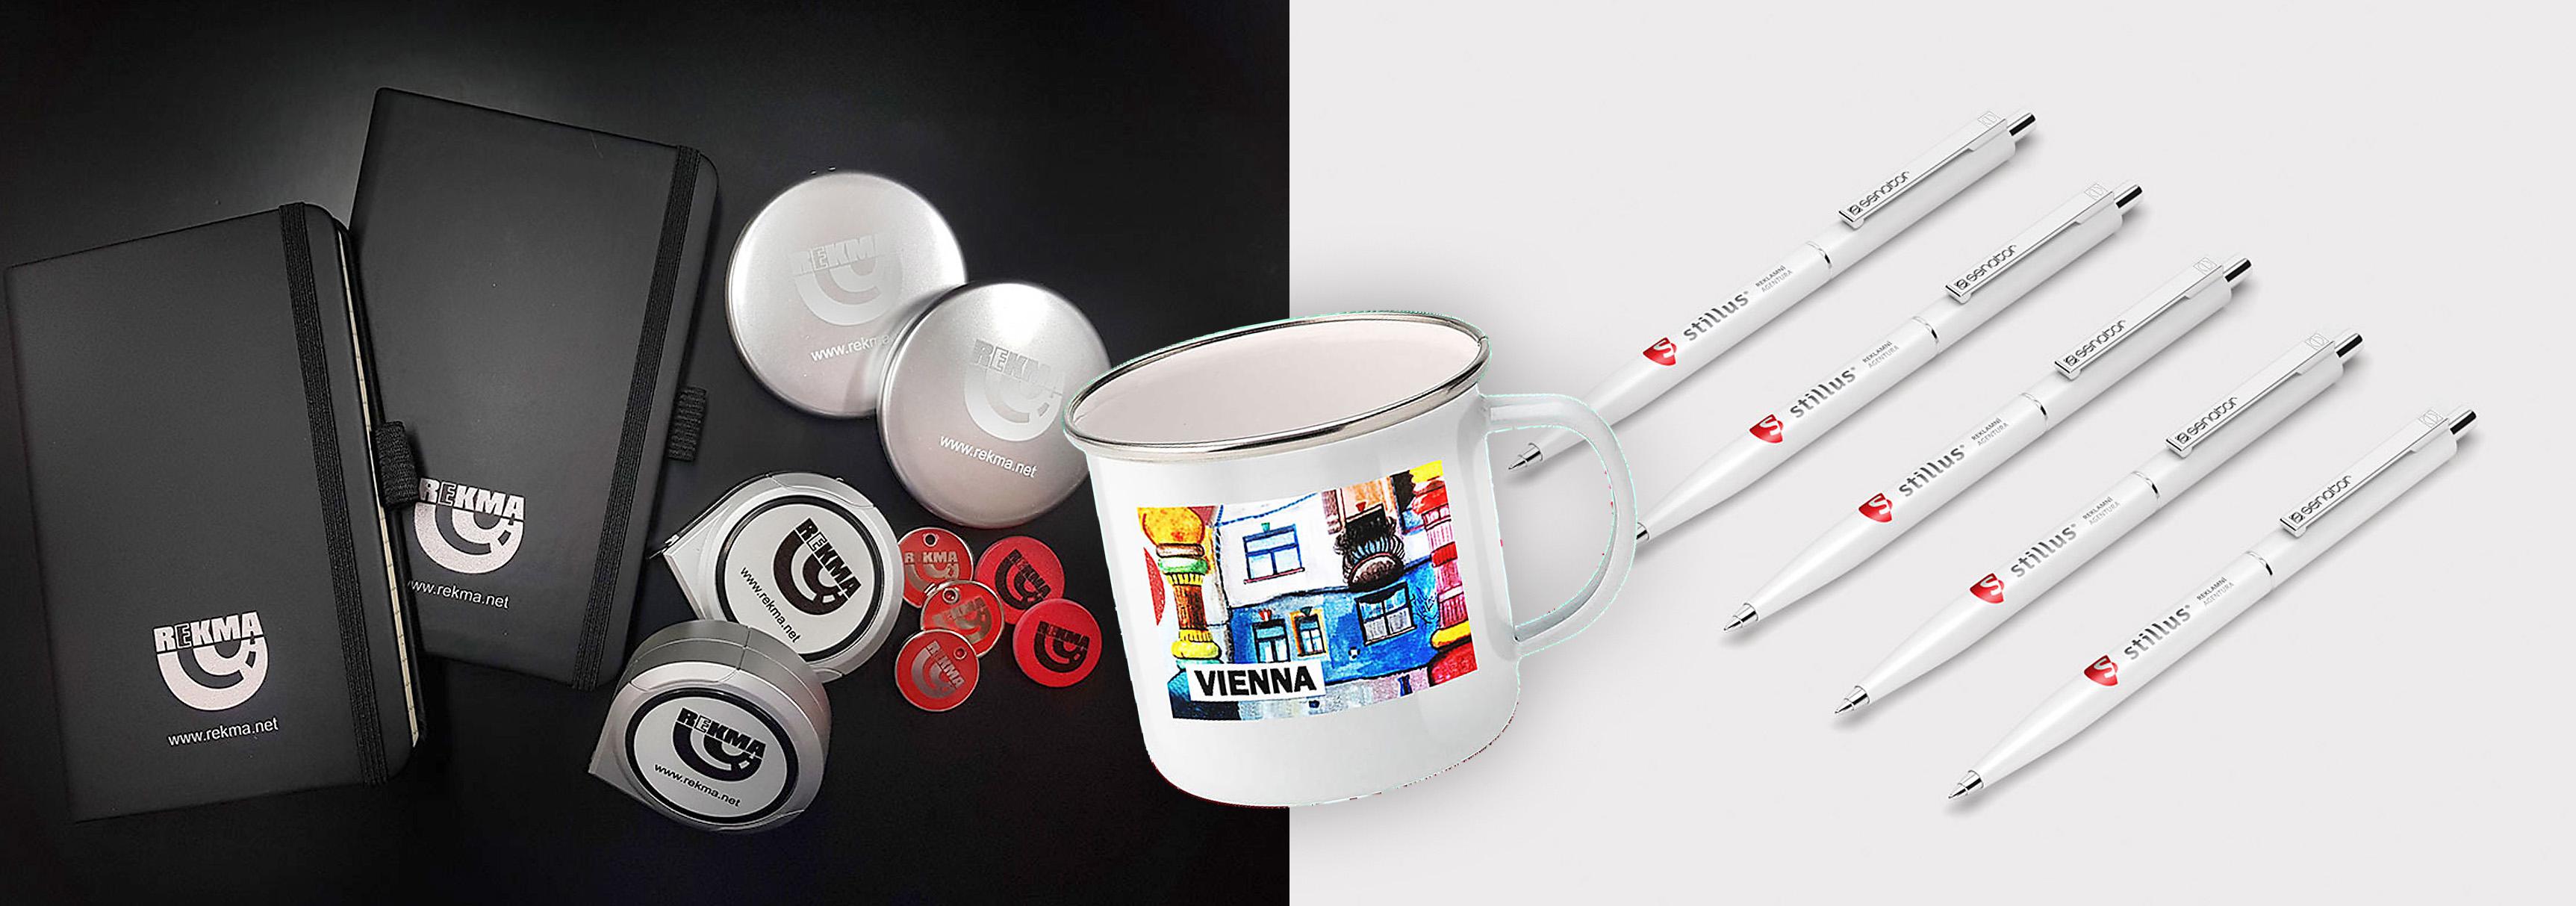 Výroba reklamních předmětů, Vaše logo na různých předmětech